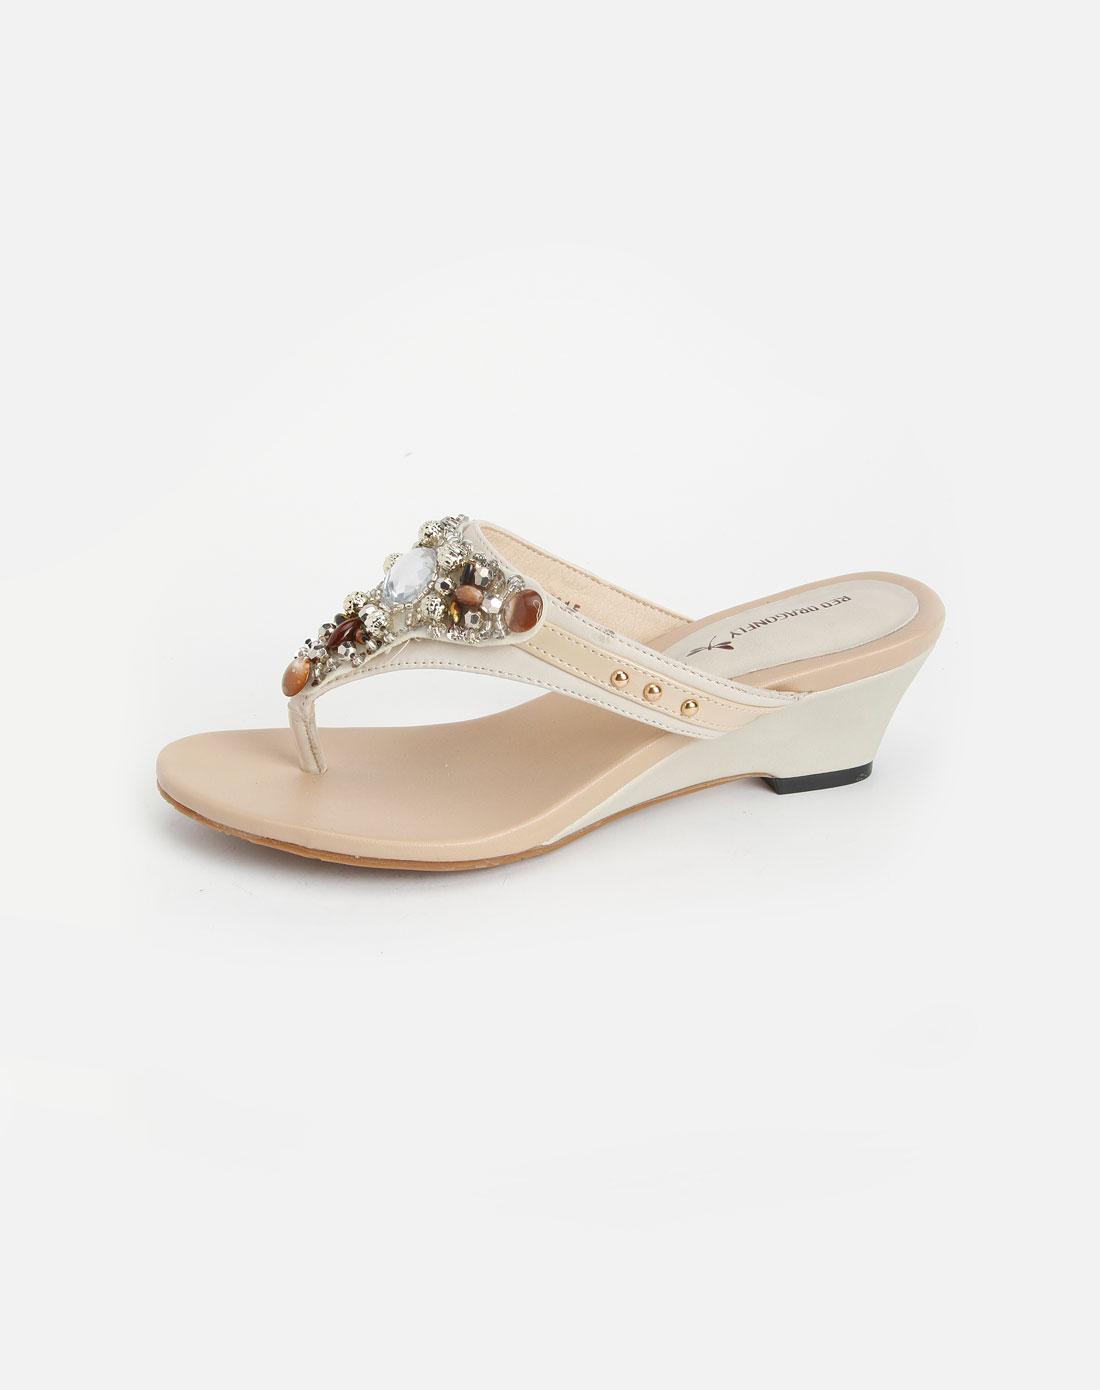 米白色民族风镶珠凉鞋